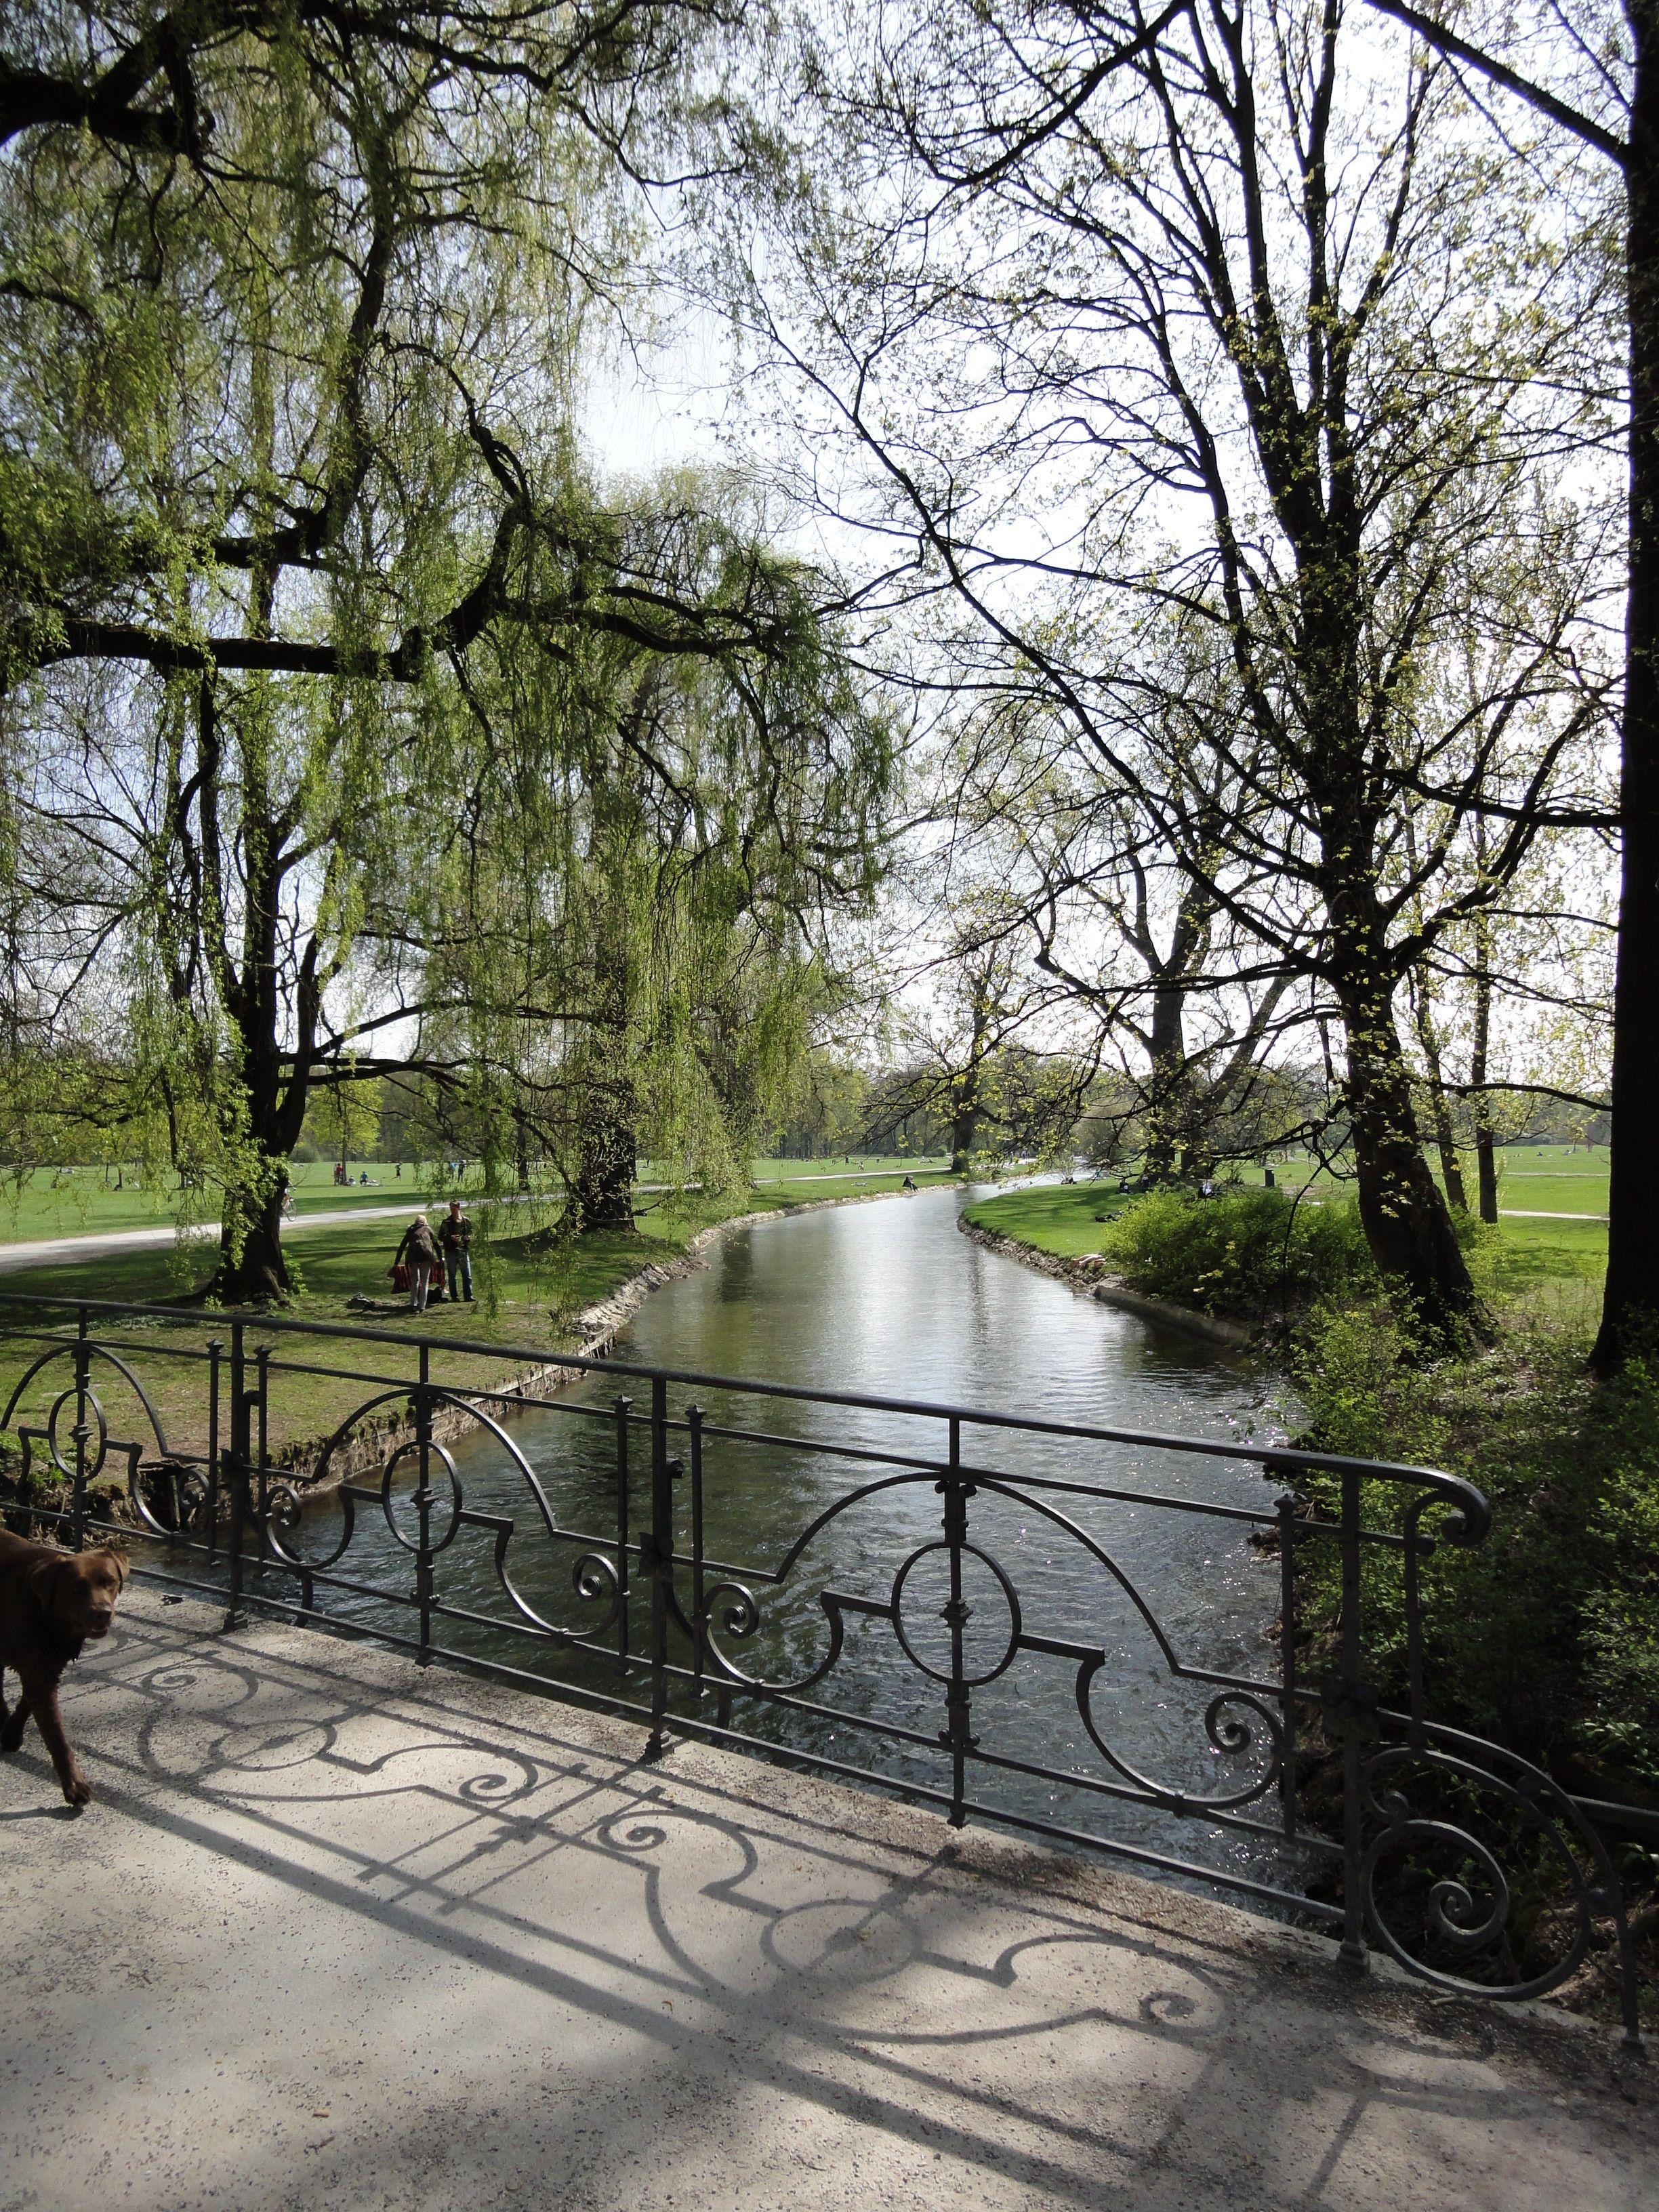 Englischer Garten Munchen Munich Englischer Garten Garten Munchen Englischer Garten Munich